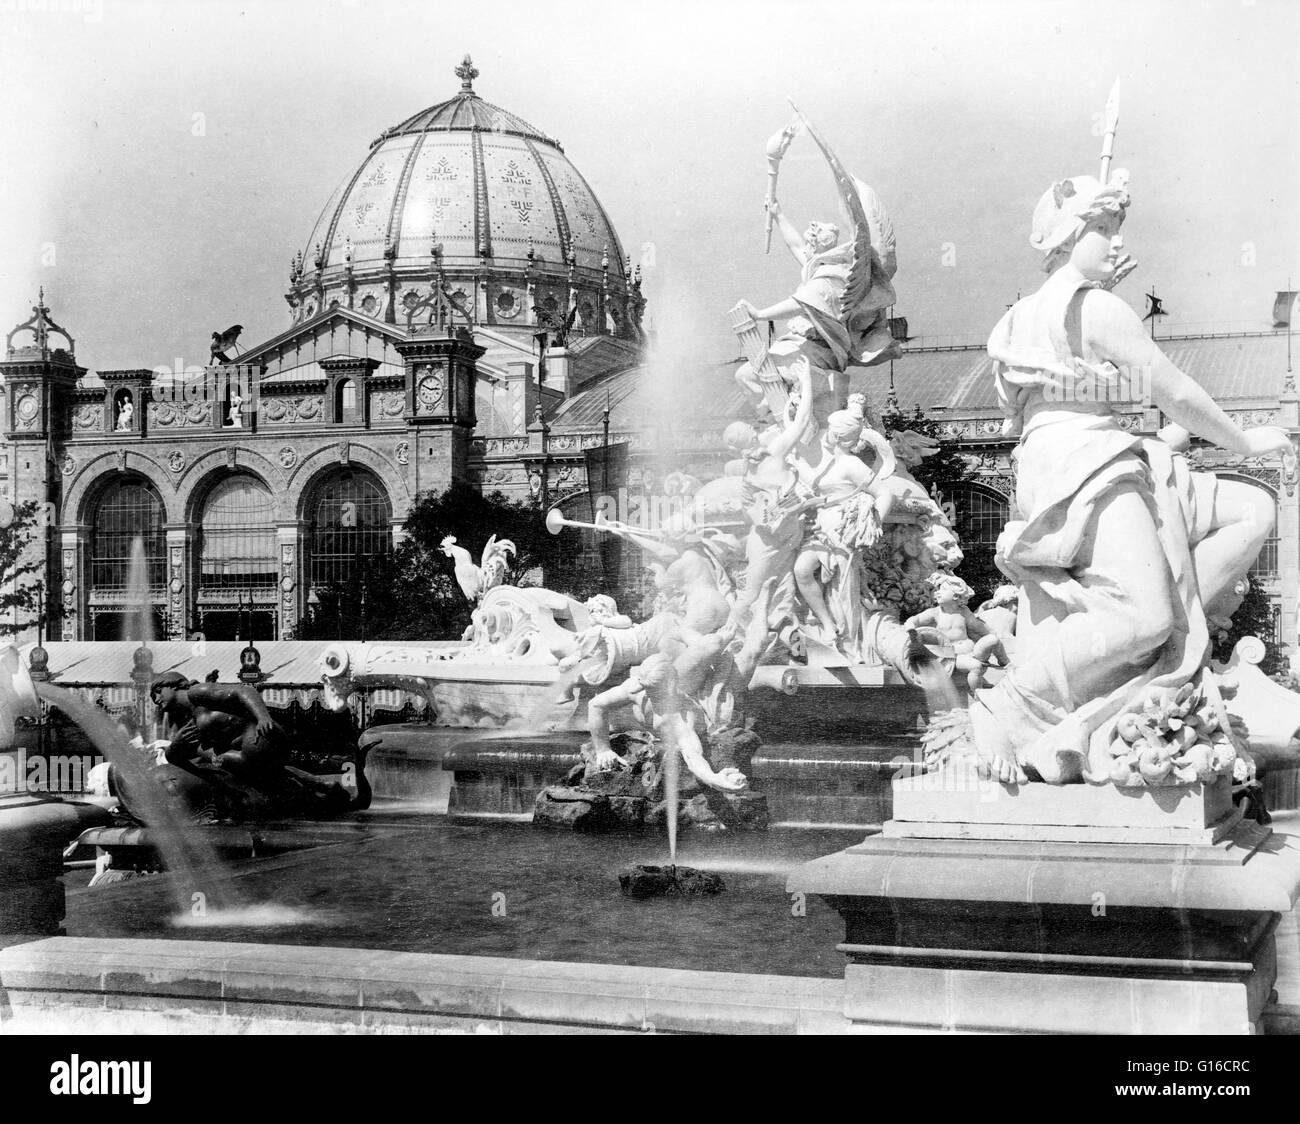 """Intitulé: """"Fontaine Coutan et le Palais des Beaux-arts, Exposition de Paris, 1889."""" La fontaine Photo Stock"""